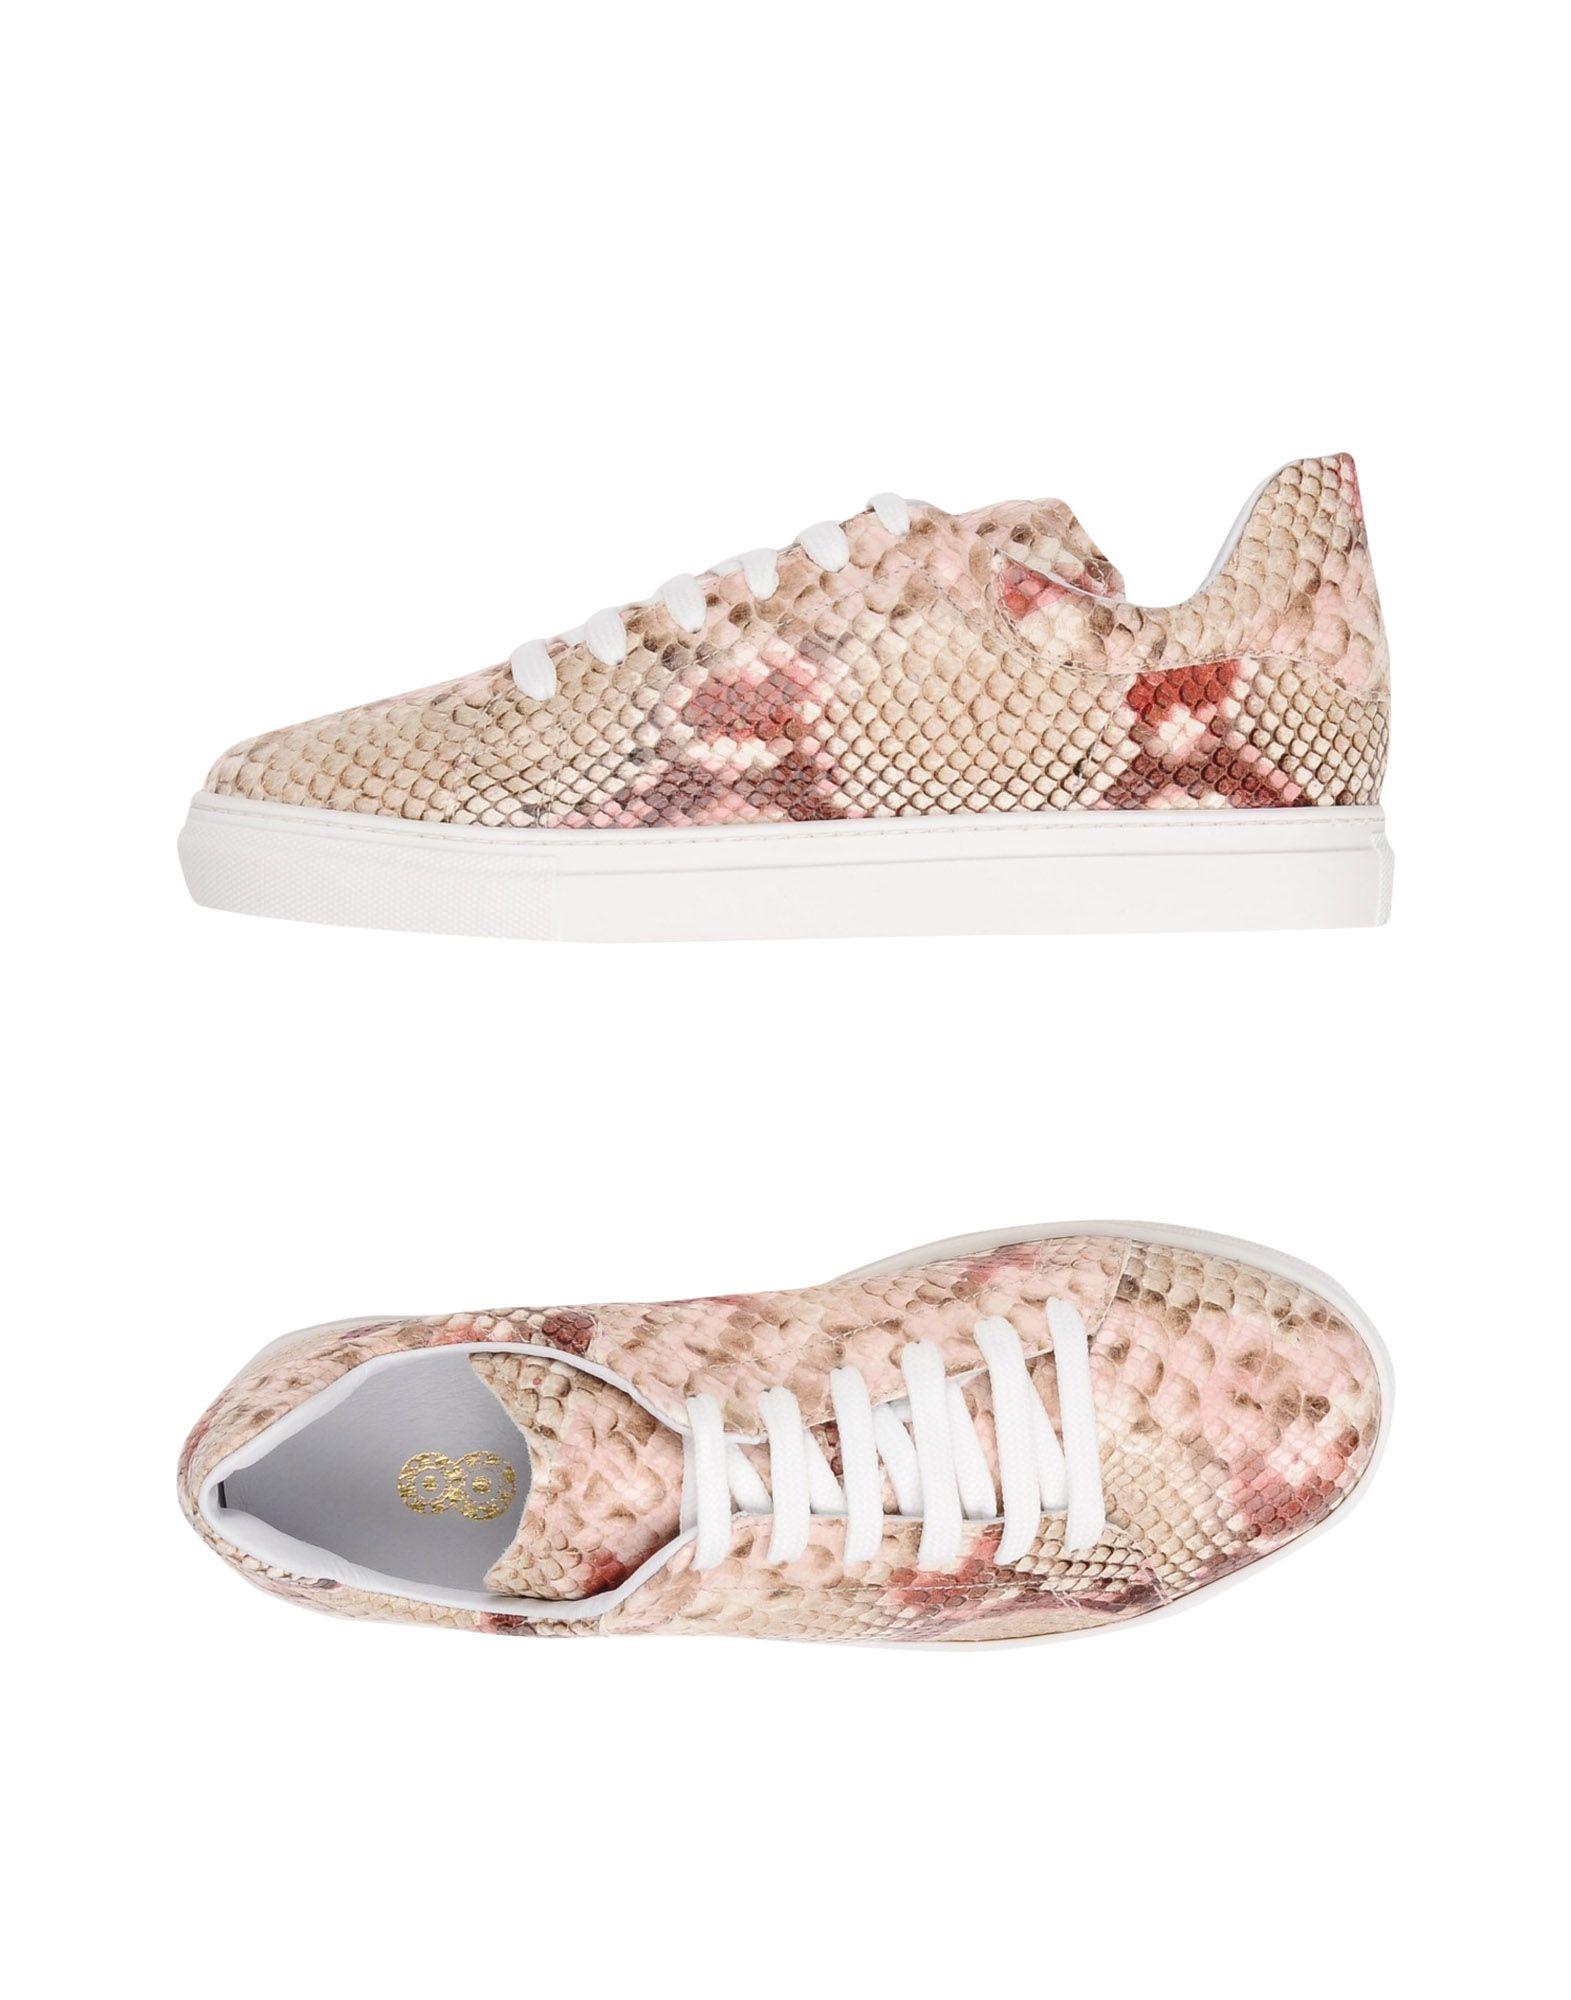 8 Sneakers 11456733KL Damen  11456733KL Sneakers Gute Qualität beliebte Schuhe 2eec8d